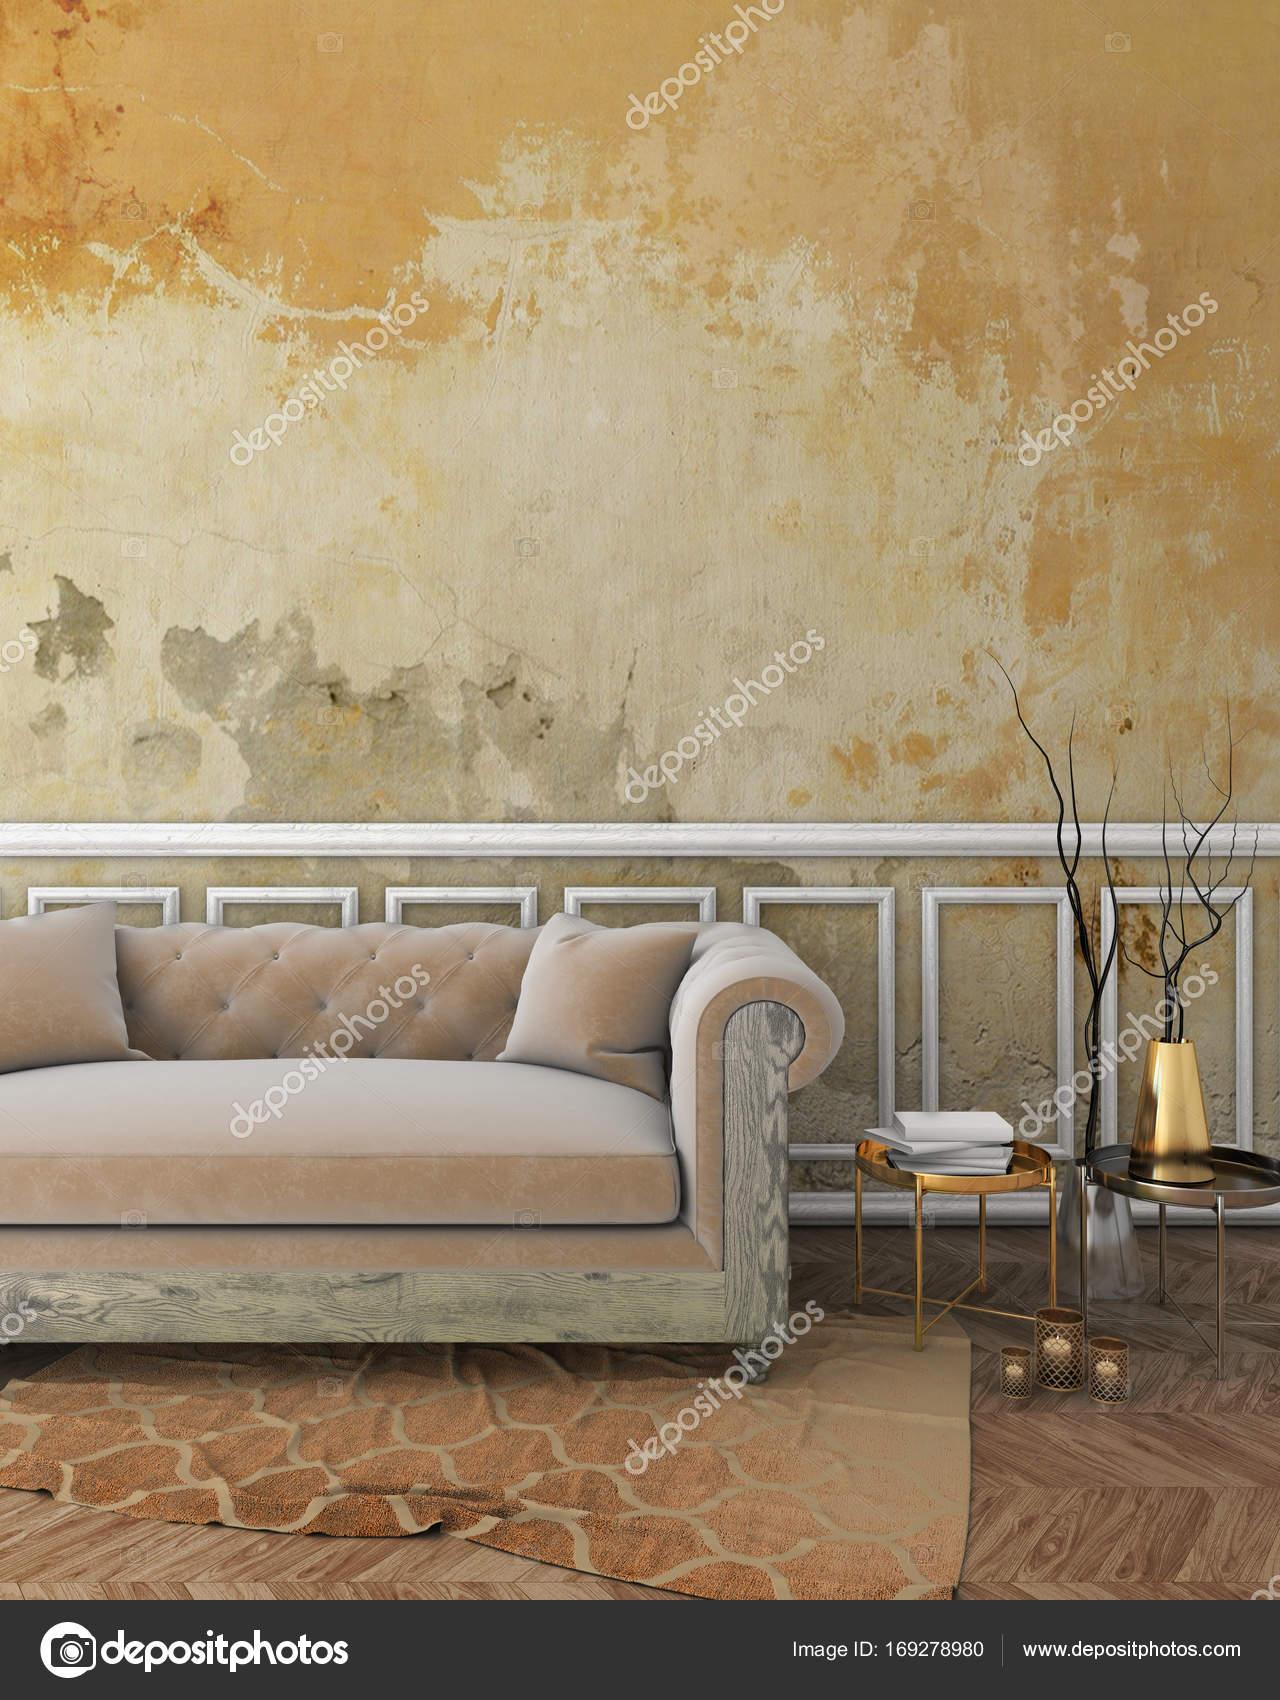 Mock Up Klassisches Interieur Mit Gelben Putz Wand, Weiß Formteile Auf Wand,  Beige Sofa Und Braunen Teppich. 3D Render U2014 Foto Von Kraz_